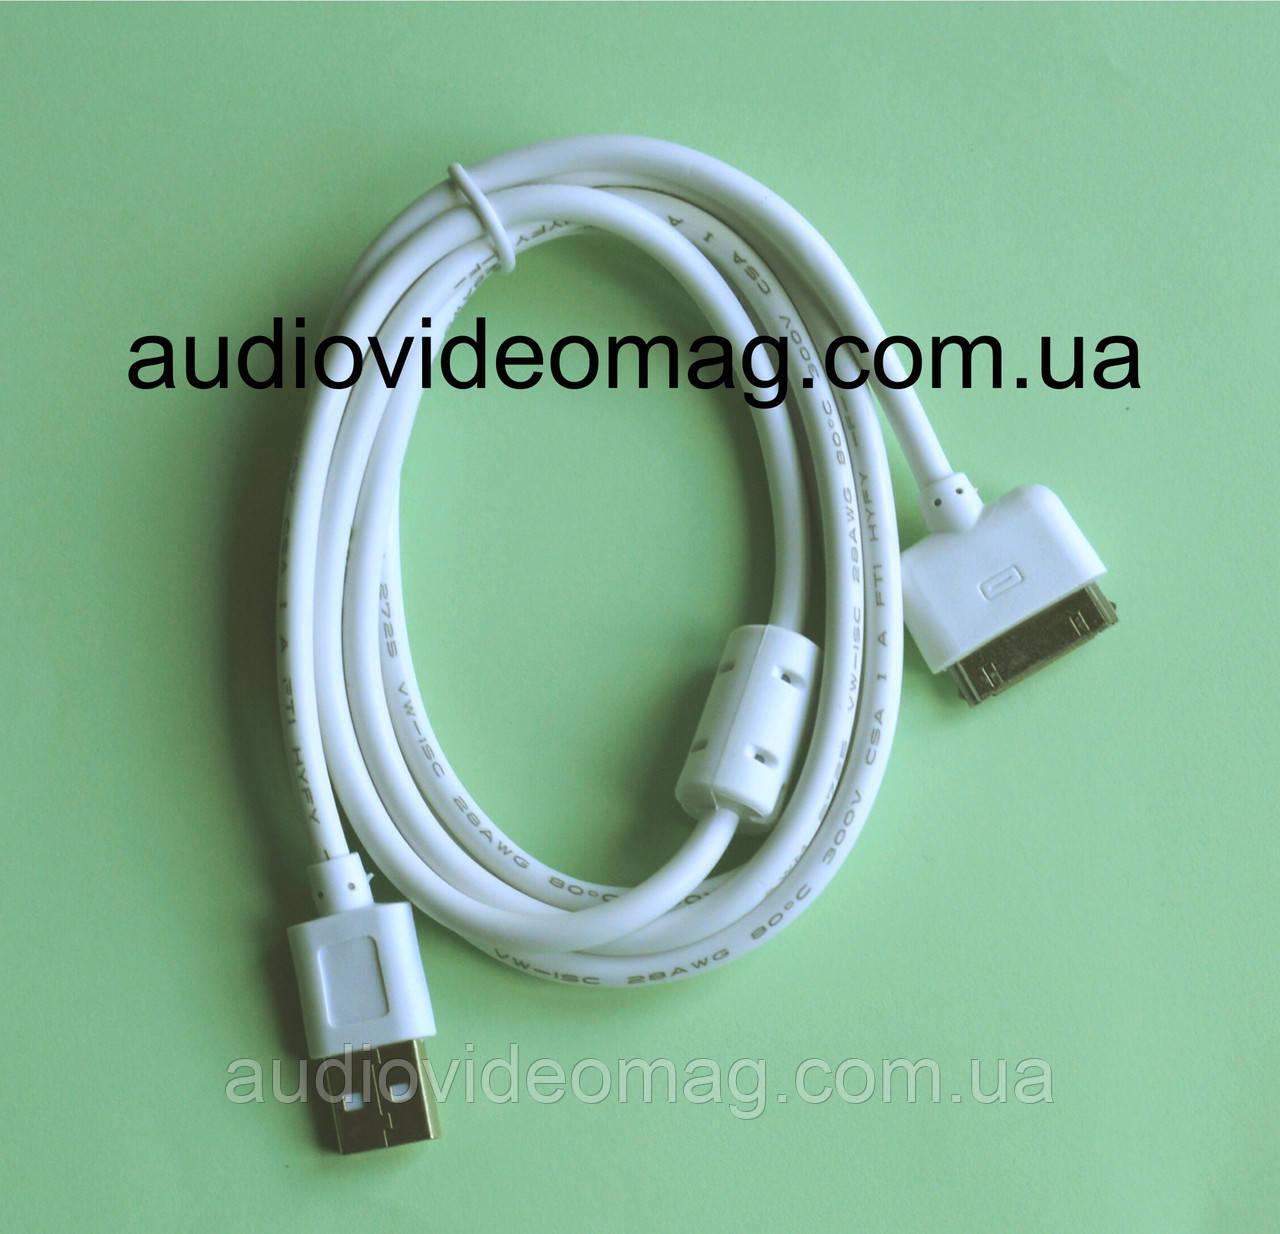 Кабель USB штекер 30pin Apple Dock для iPhone 4, довжина 1,5 метра